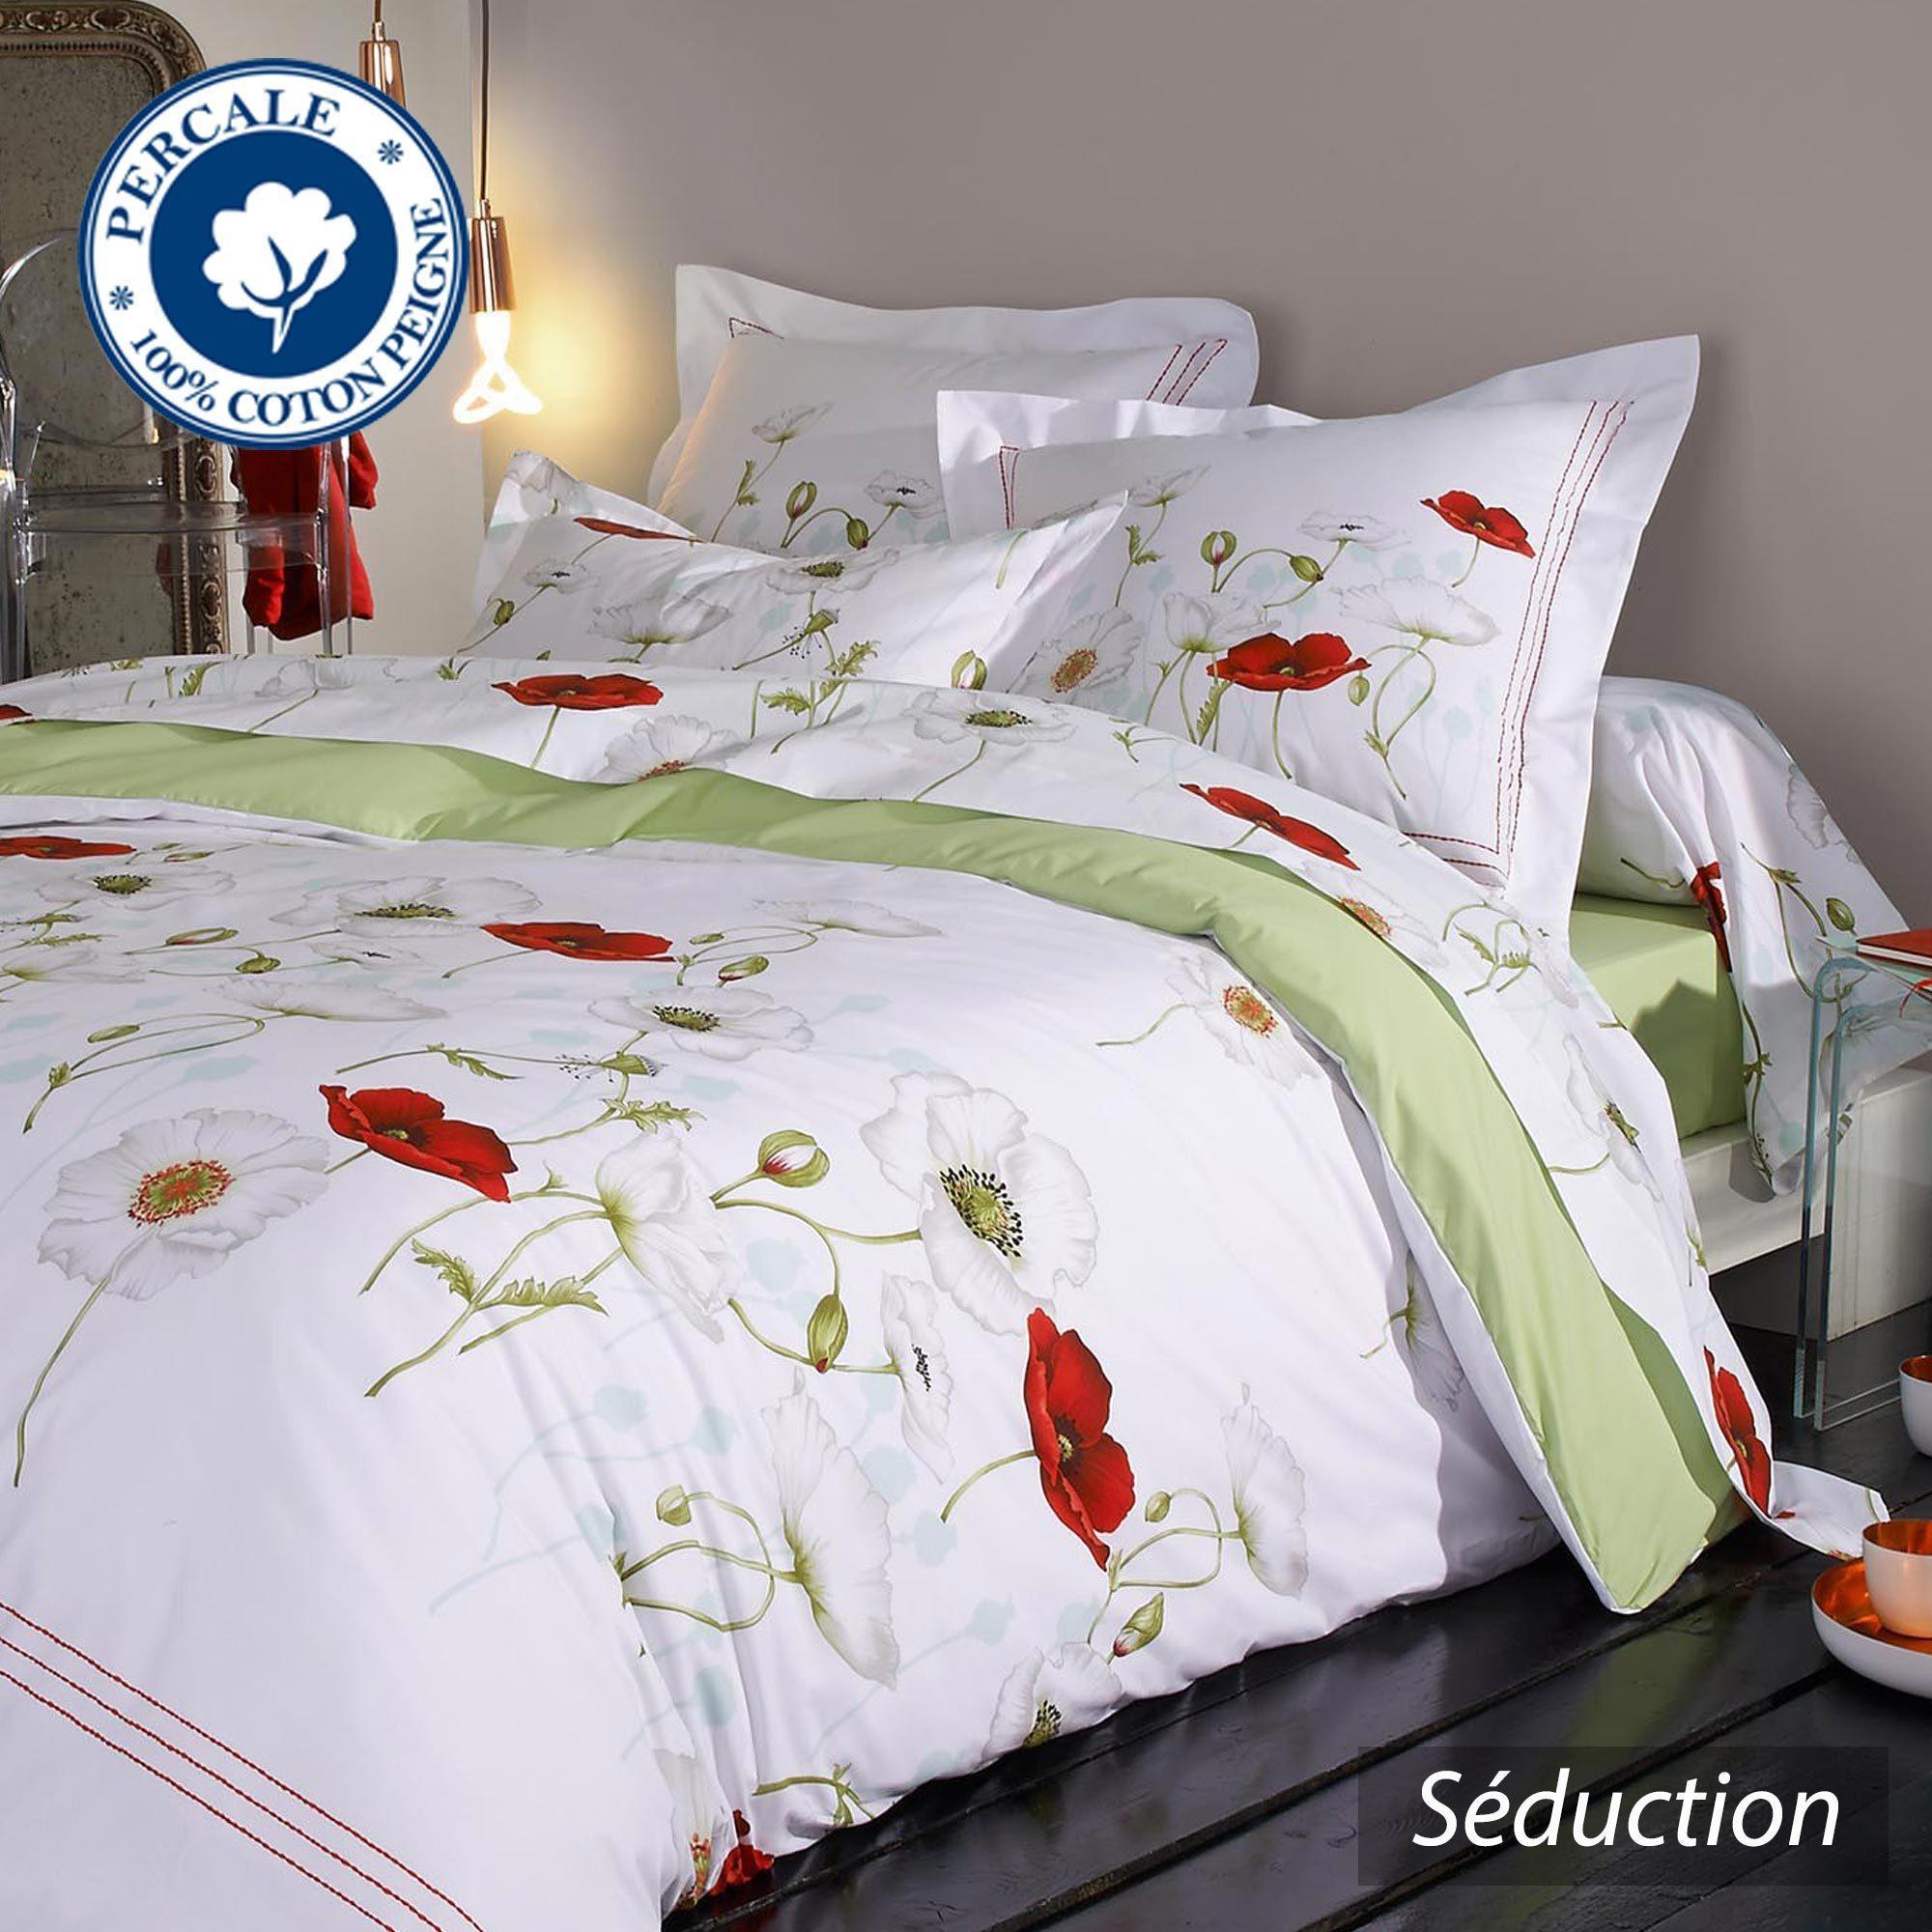 taie d 39 oreiller percale pur coton peign 65x65 cm seduction linnea vente de linge de maison. Black Bedroom Furniture Sets. Home Design Ideas